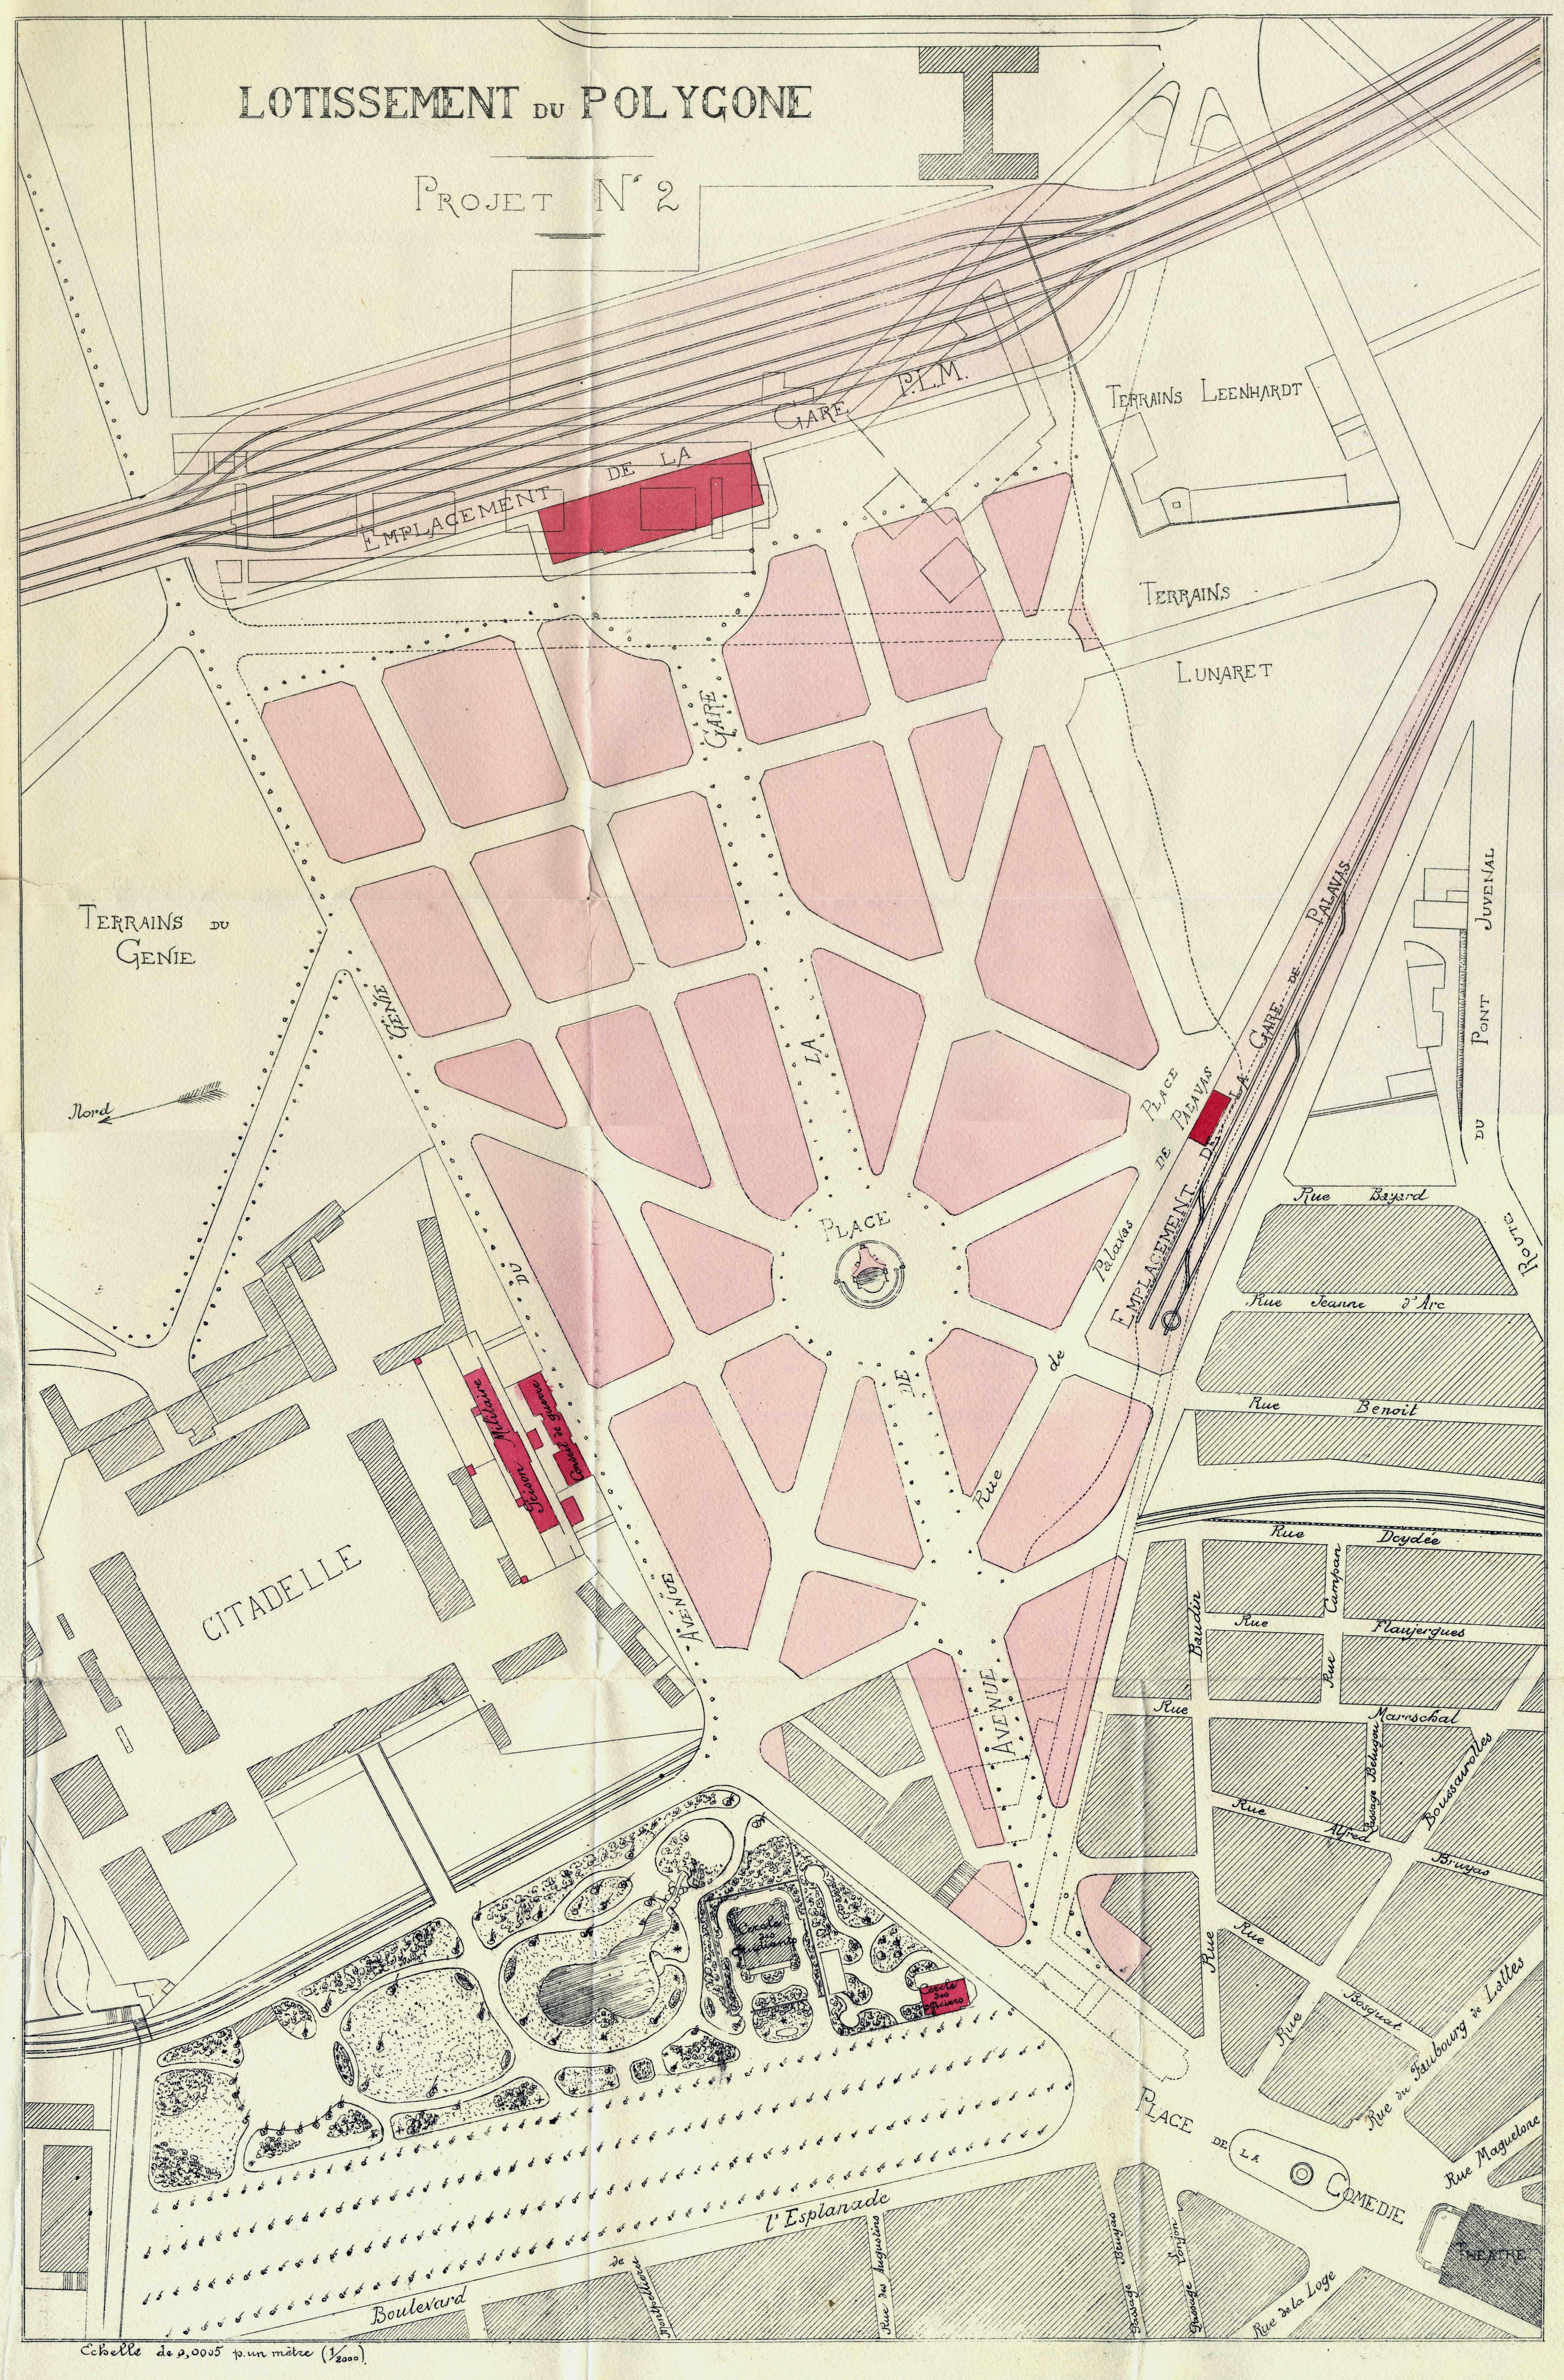 Projet de lotissement du polygone, 1901.